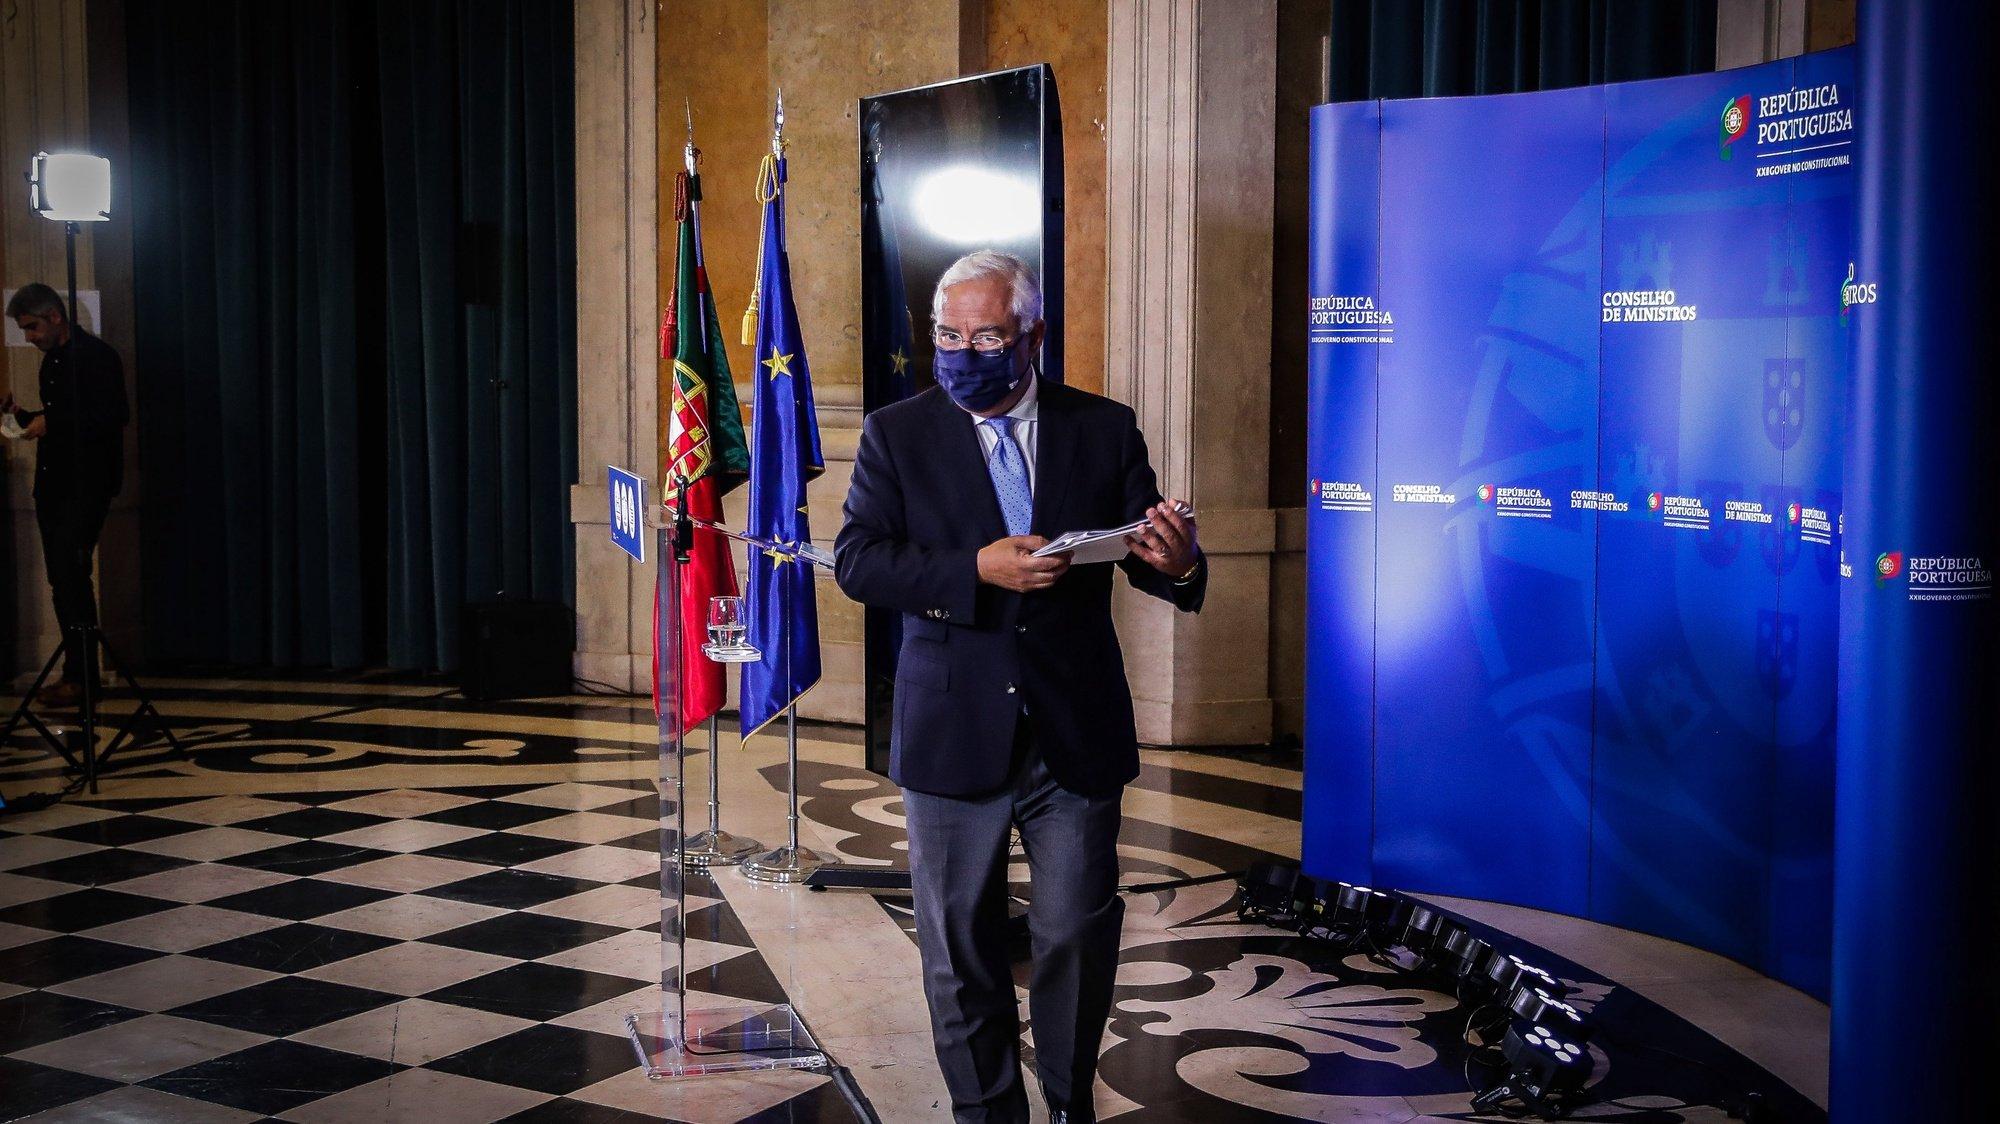 O primeiro-ministro, António Costa, apresenta em conferência de imprensa as conclusões da reunião do Conselho de Ministros extraordinária, realizada no Palácio Nacional da Ajuda, em Lisboa, 21 de novembro de 2020. MÁRIO CRUZ/LUSA